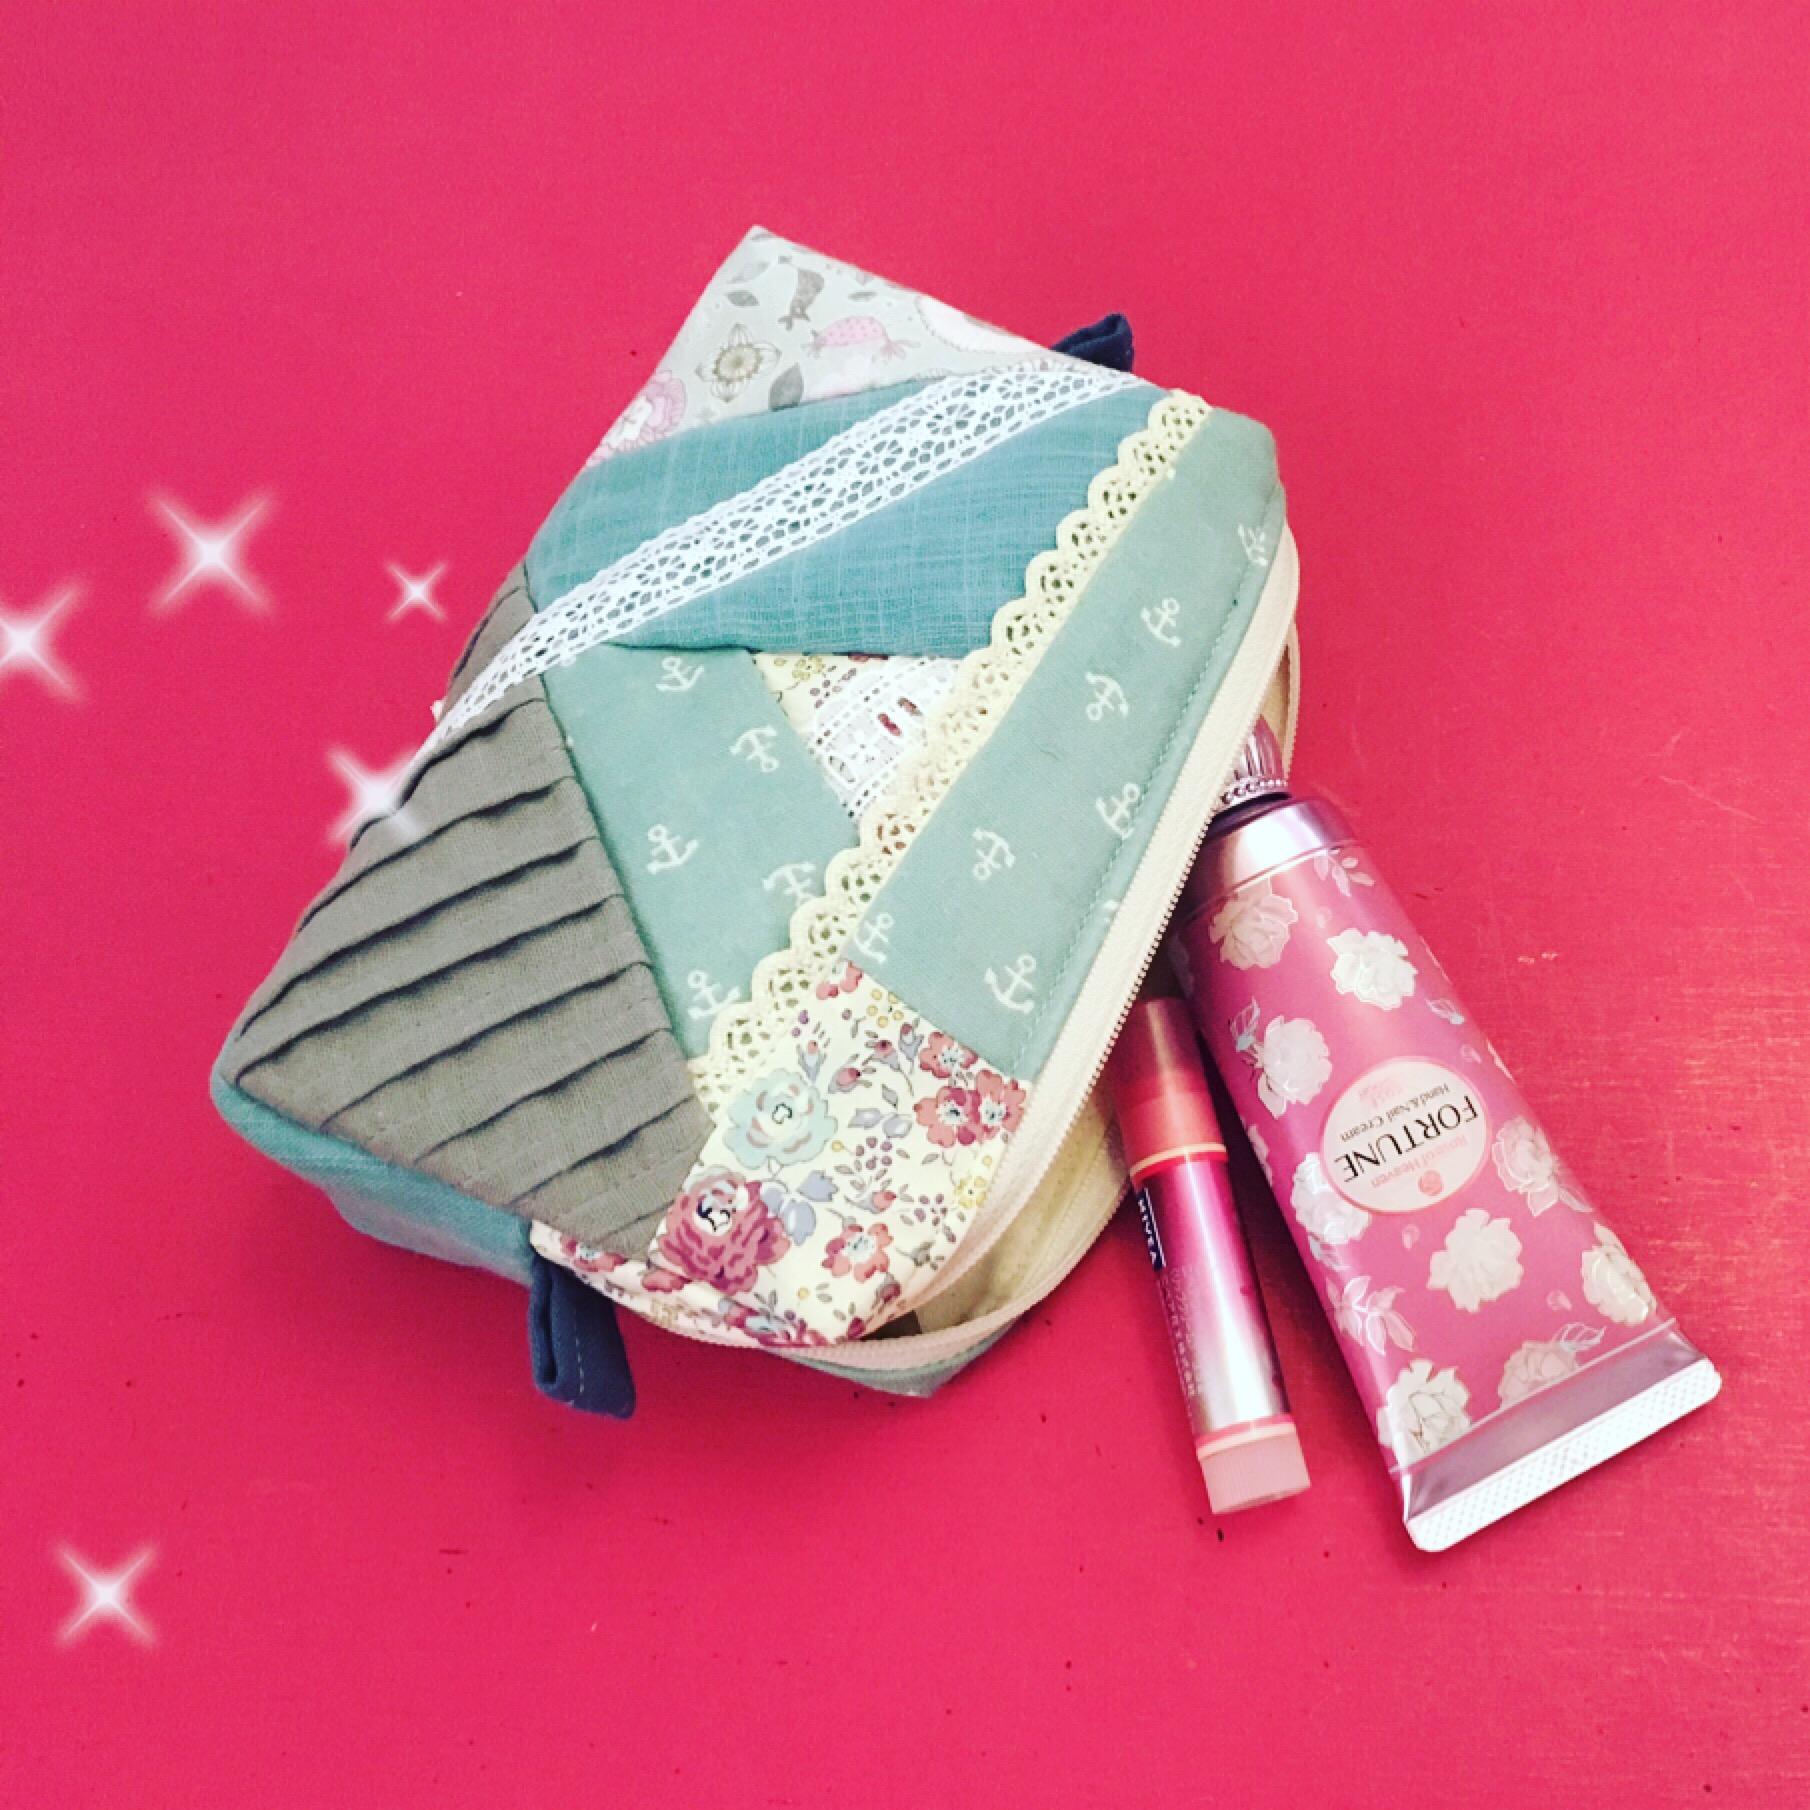 たっぷり入る化粧ポーチ☆パッチワークキルト